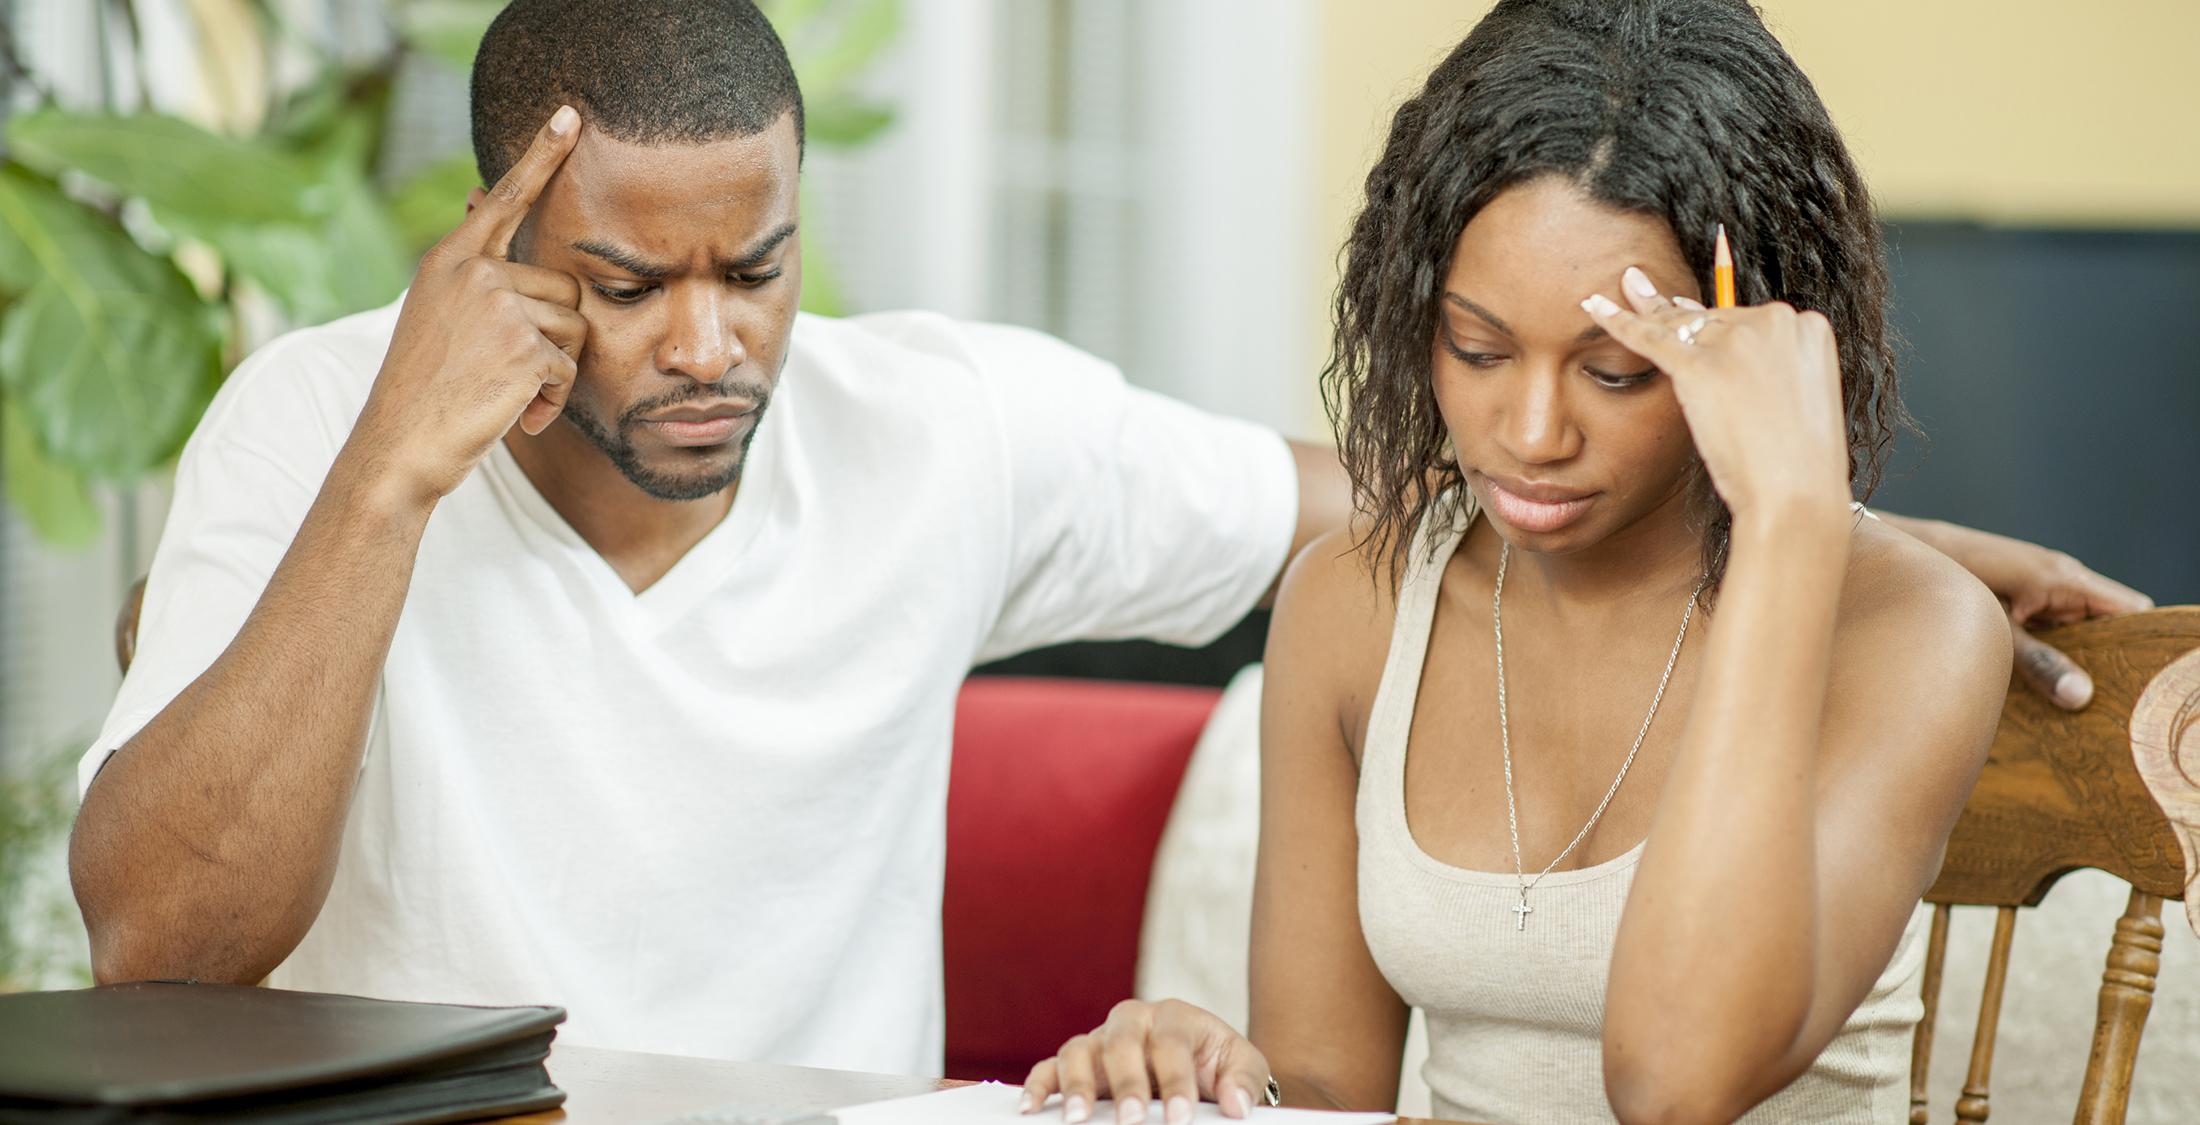 couple struggling